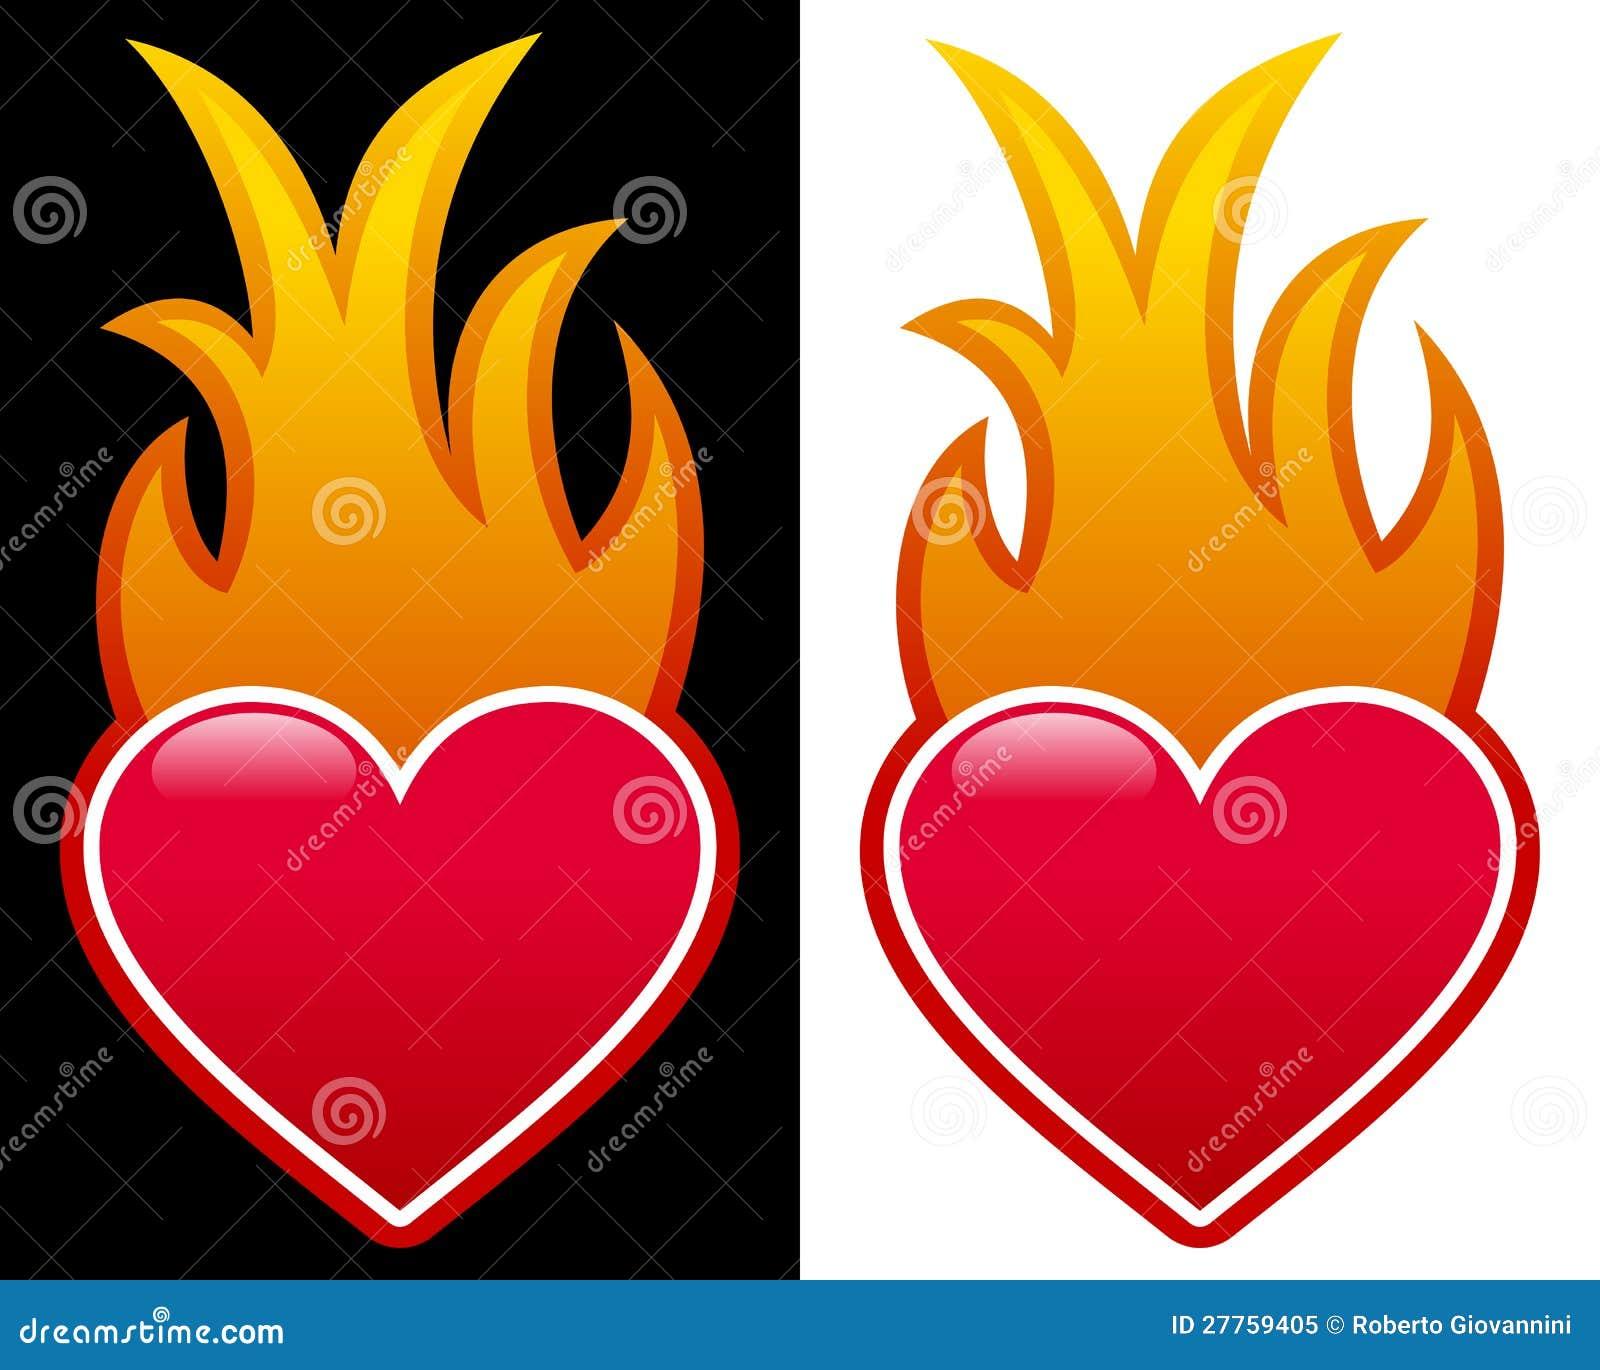 Coeur avec des flammes photo libre de droits image 27759405 - Coeur avec des photos ...